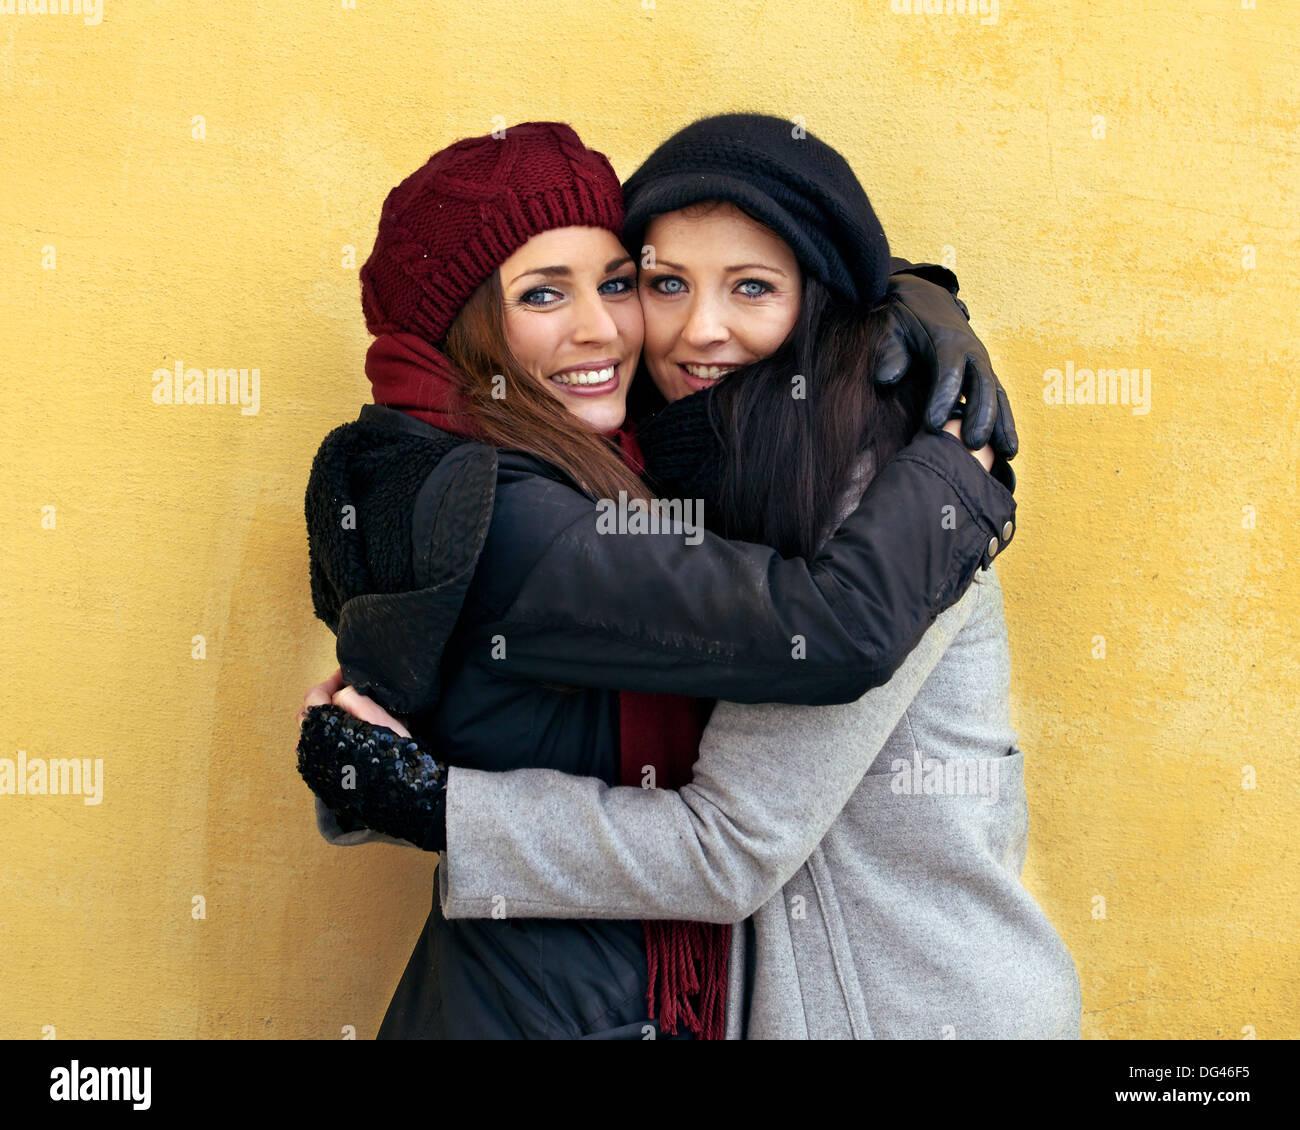 Zwei Freunde geben einander eine warme Umarmung Stockbild